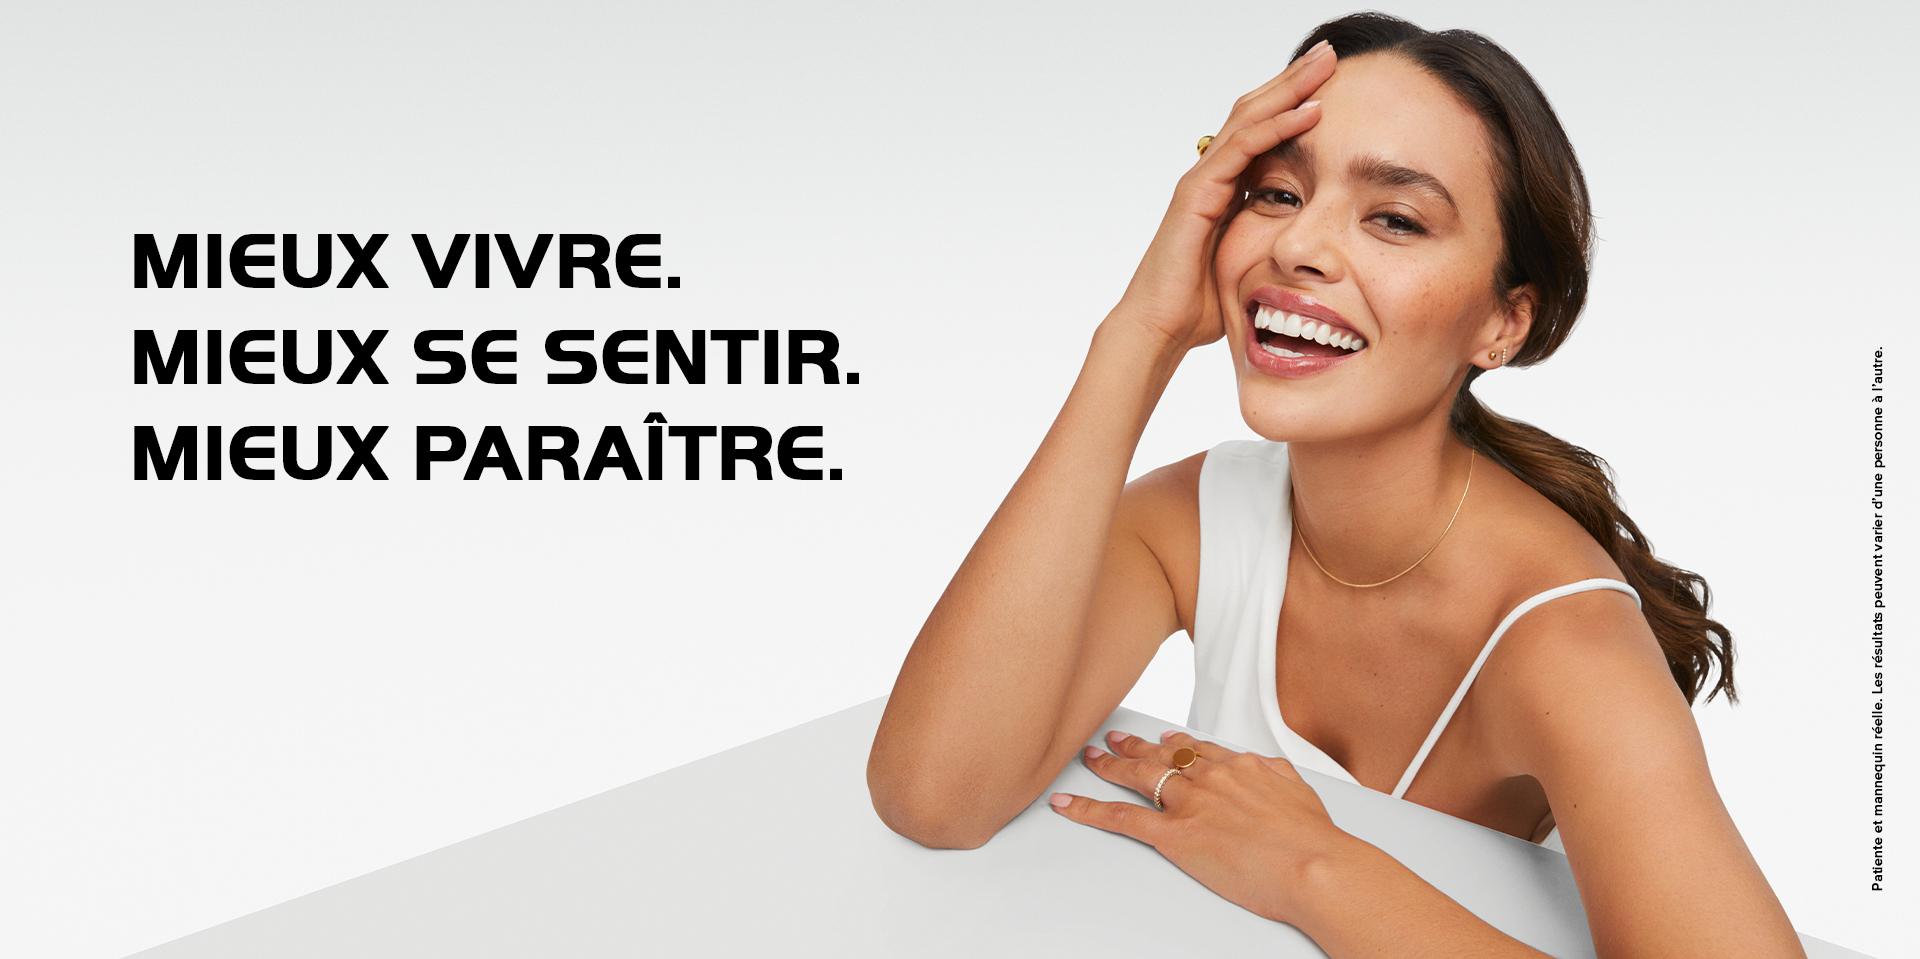 Gwyneth Paltrow Adopte La Purete. Le ferez-vous?